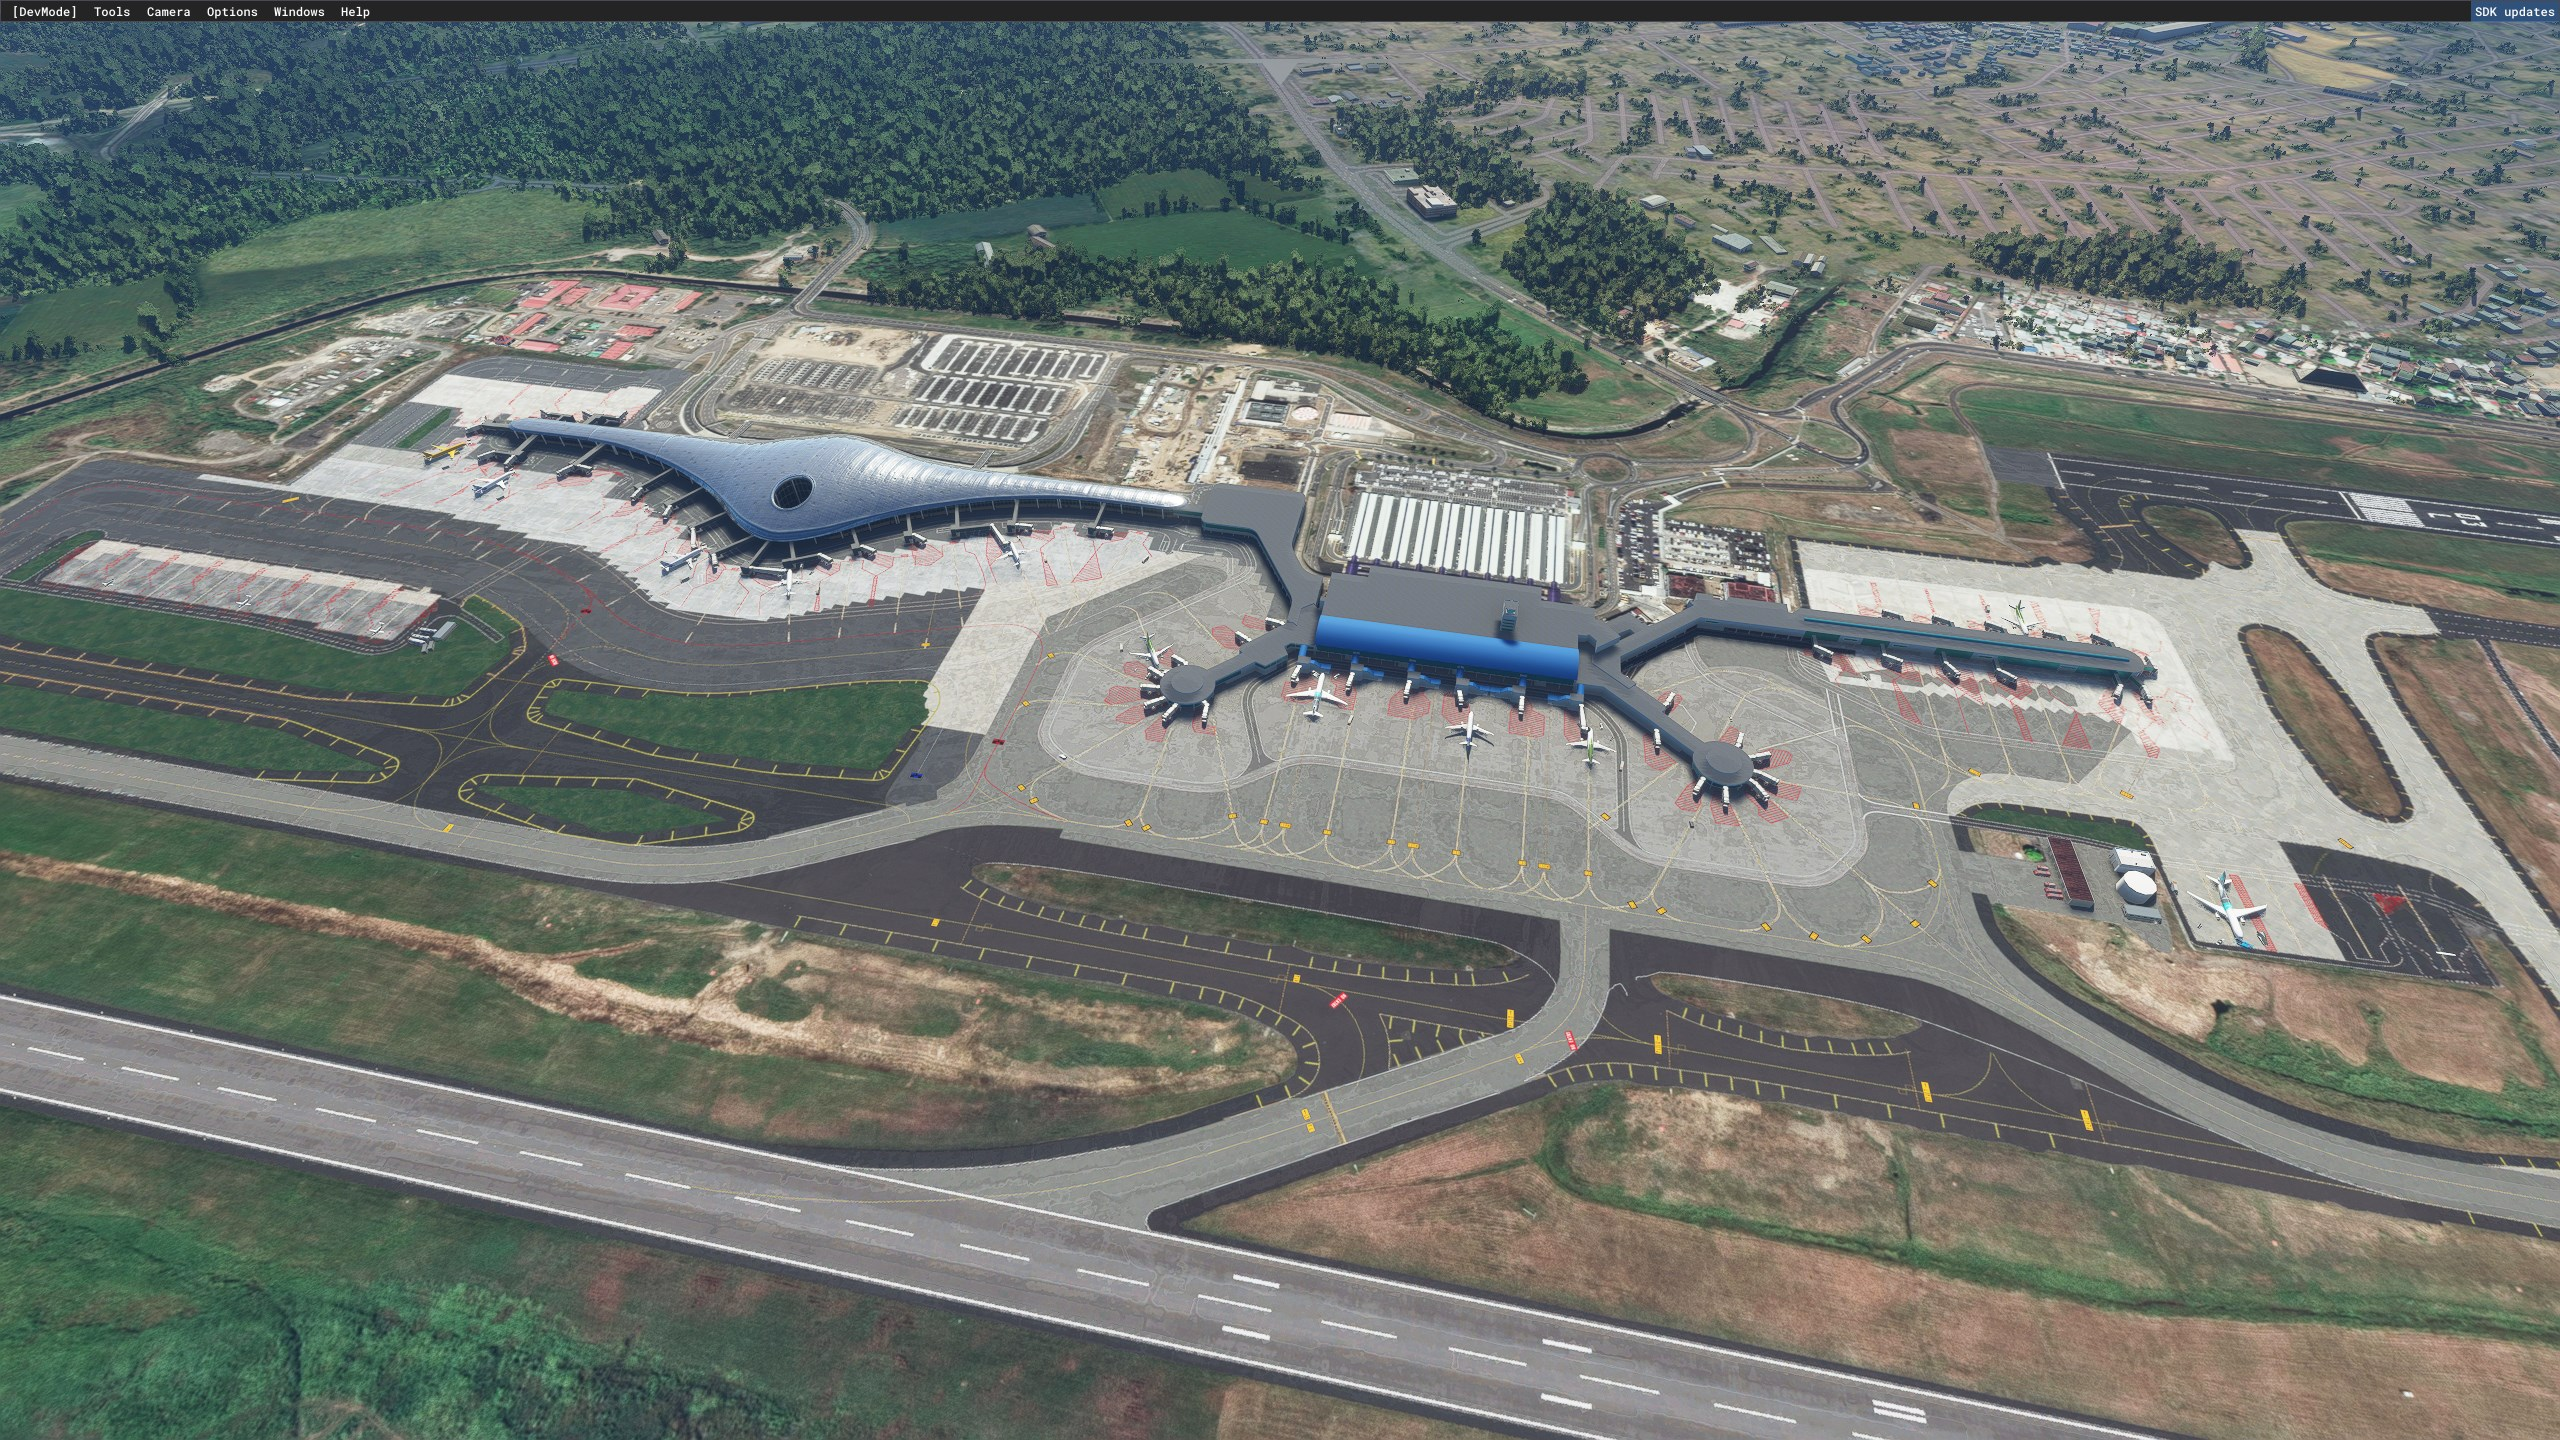 FlightSimulator_87btDqeX1V.jpg